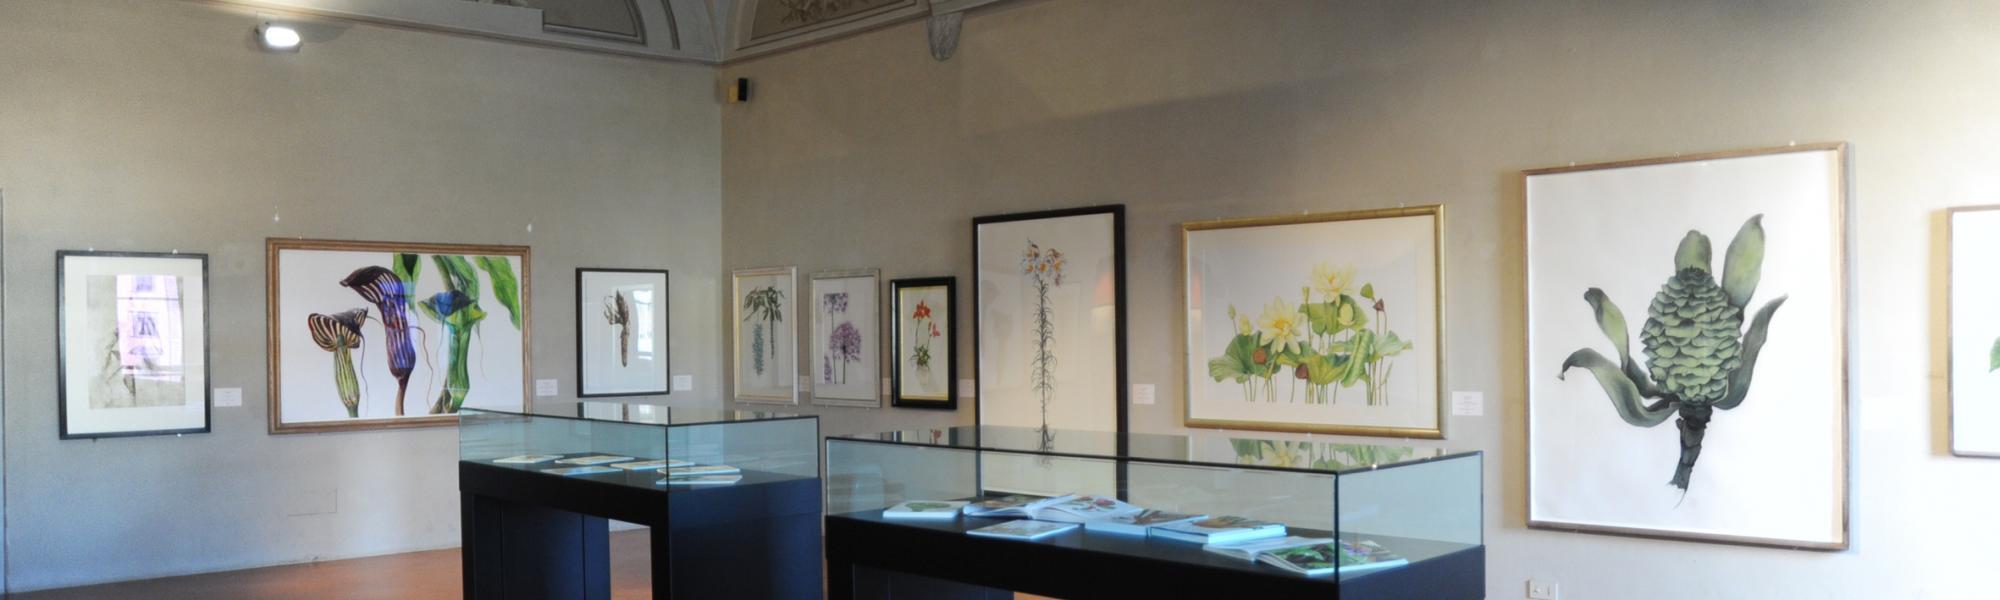 Sala interna palazzo Lanfranchi (Museo delle Grafica)